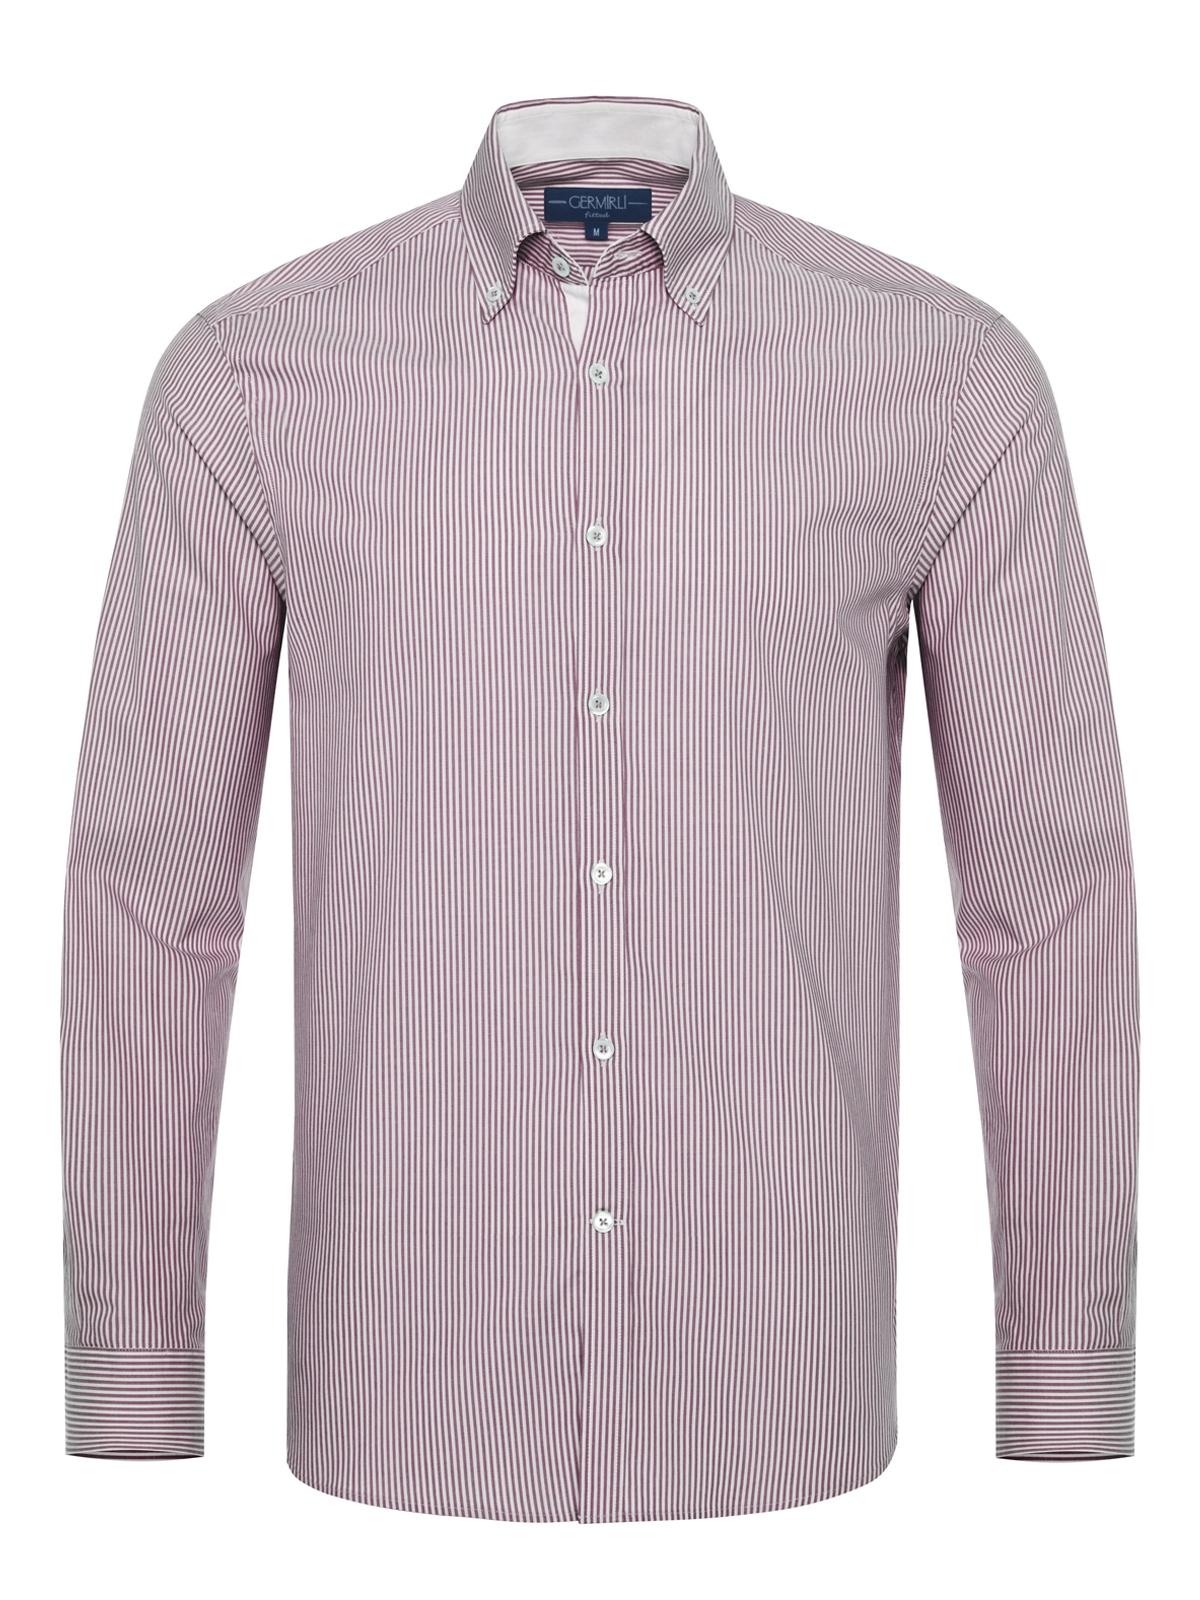 Germirli - Germirli Beyaz Bordo Panama Dokulu Çizgili Düğmeli Yaka Tailor Fit Gömlek